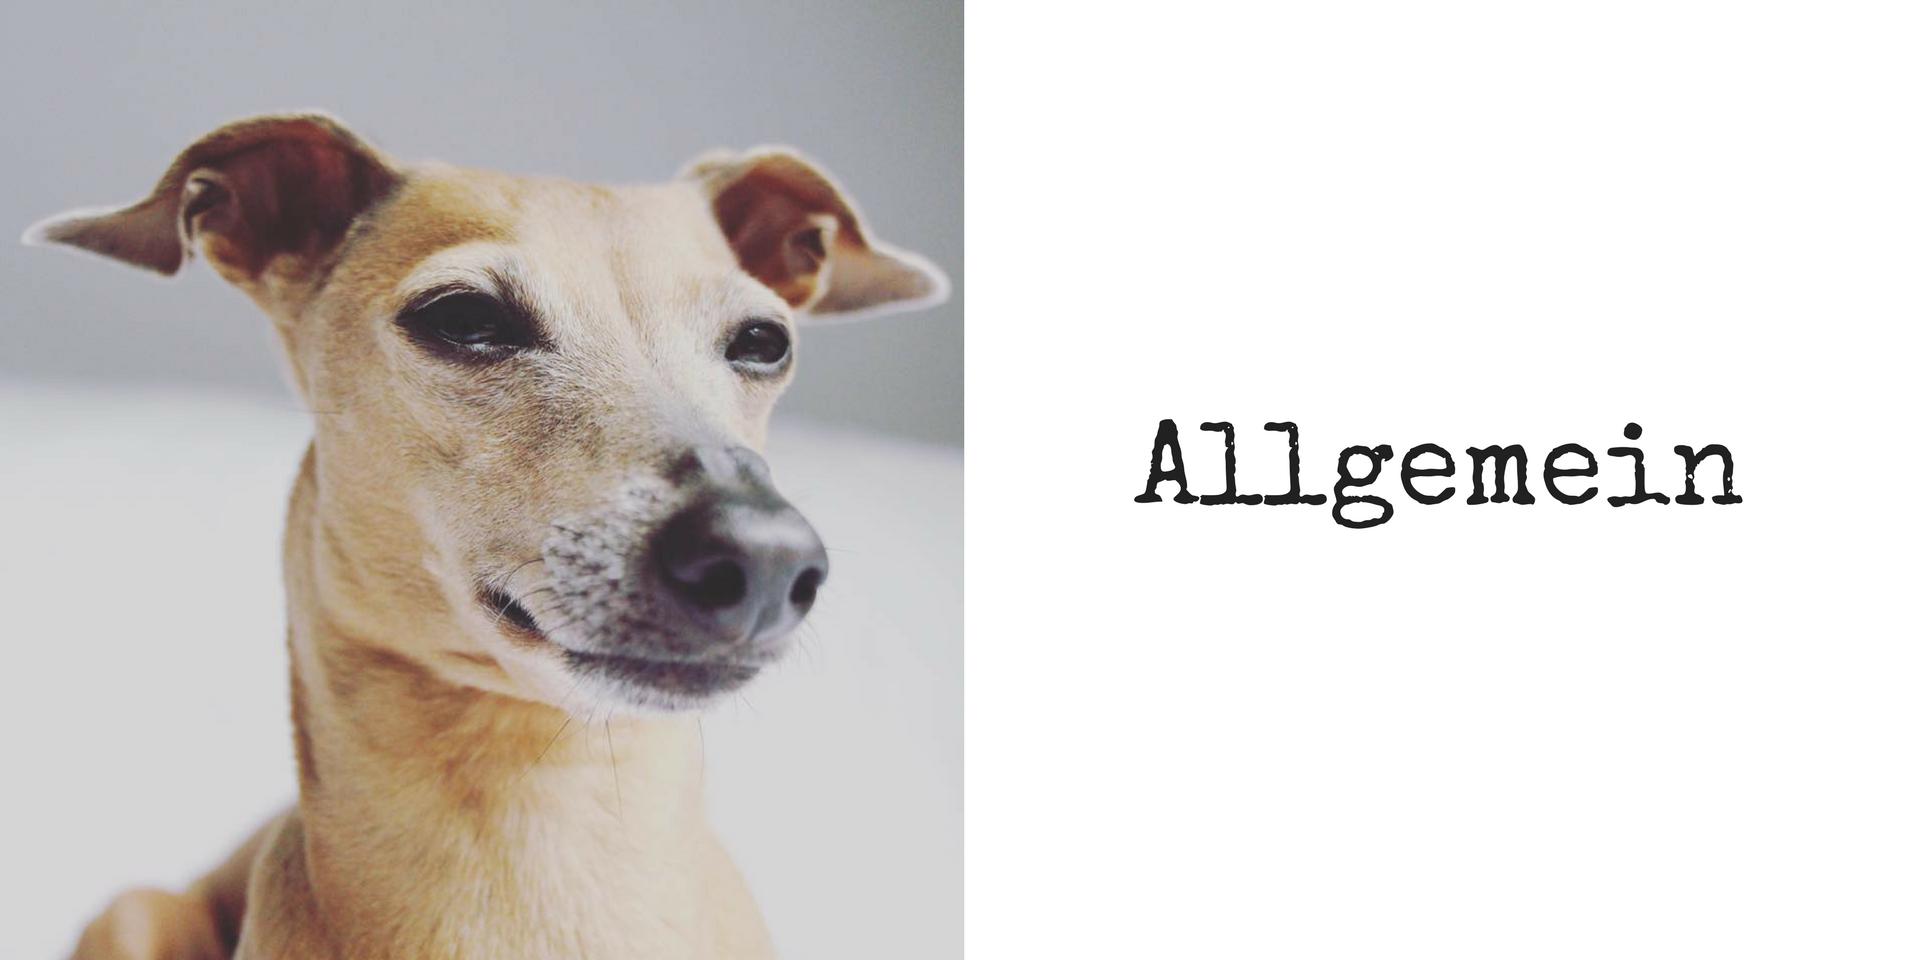 miDoggy Blog Community für Hunde Allgemein